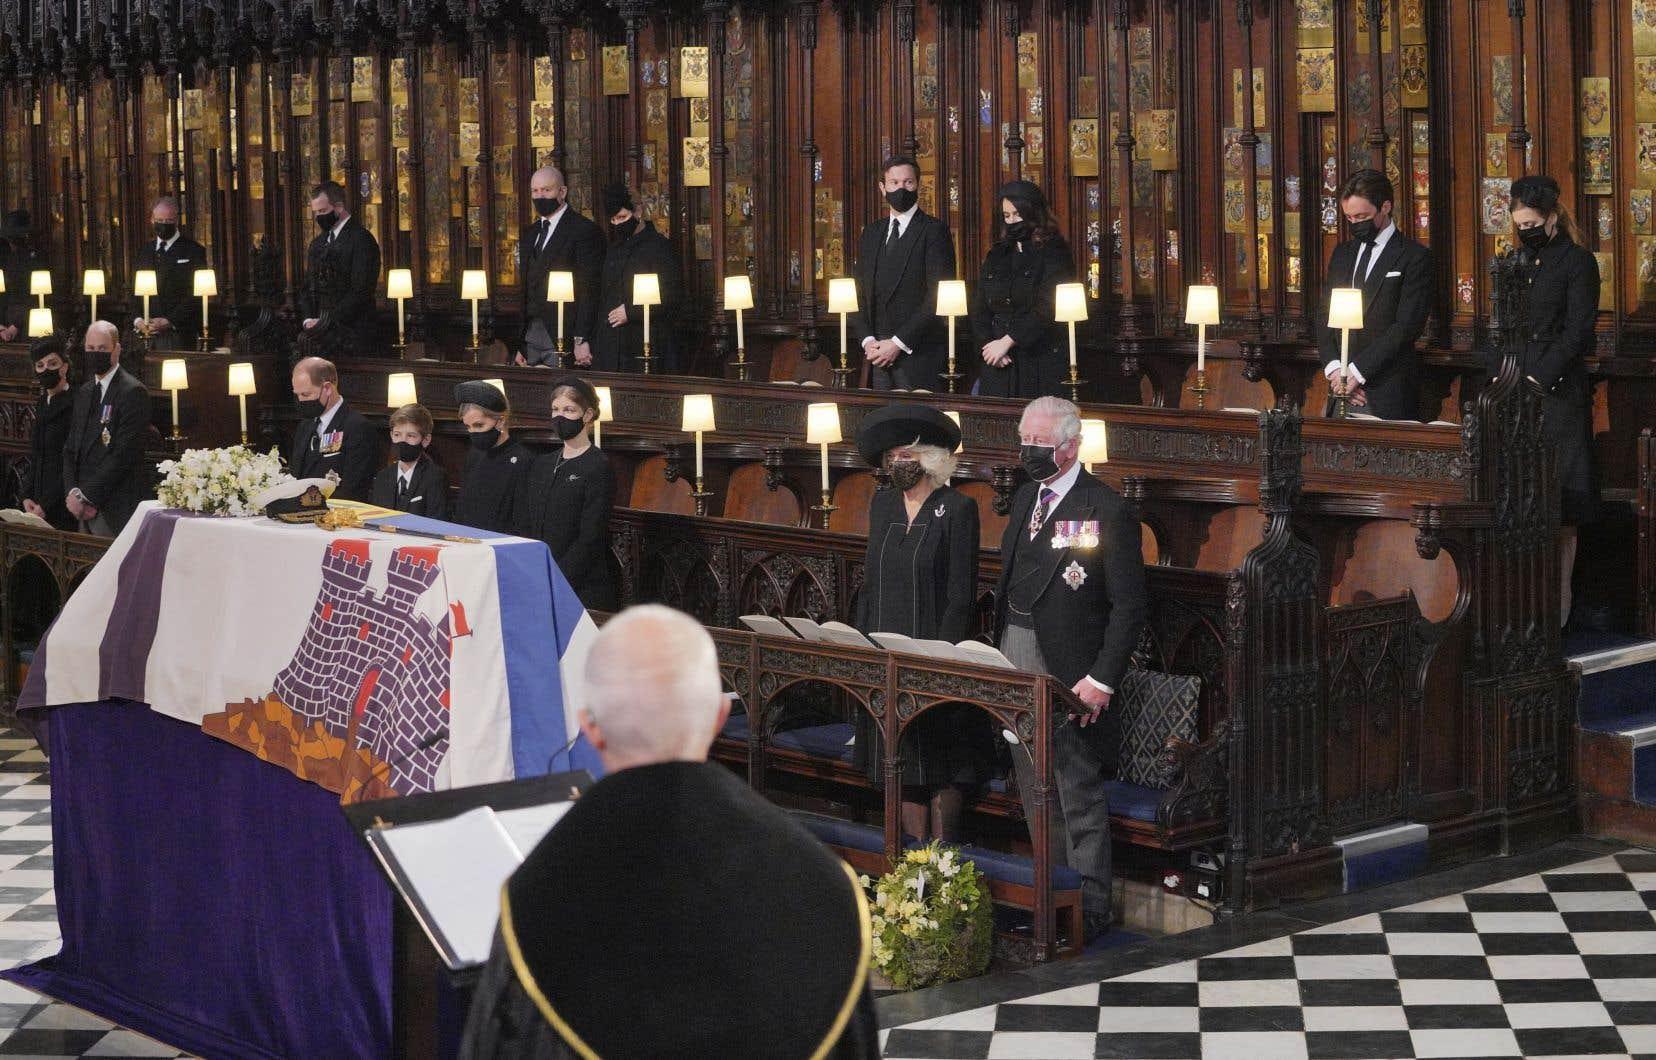 La cérémonie, dans la chapelle Saint-George de Windsor, était en comité restreint à 30 personnes à cause de la pandémie. Seuls les membres de la famille royale y assistaient.